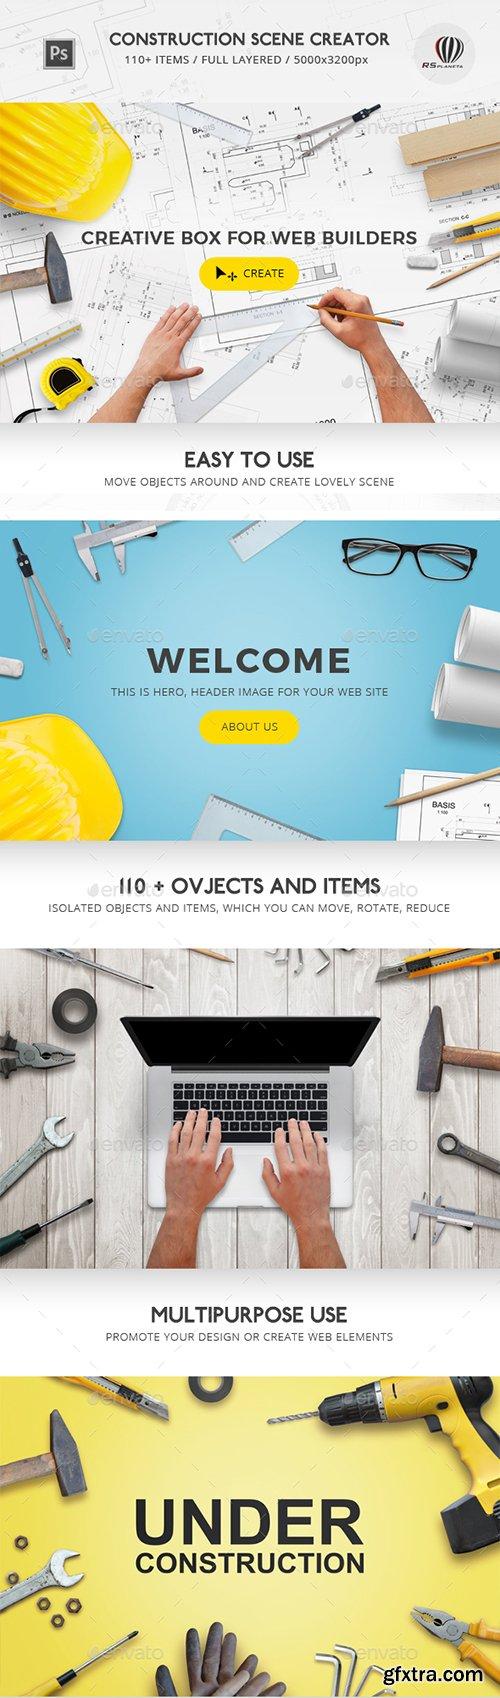 Graphicriver - Construction Scene Creator 17194617